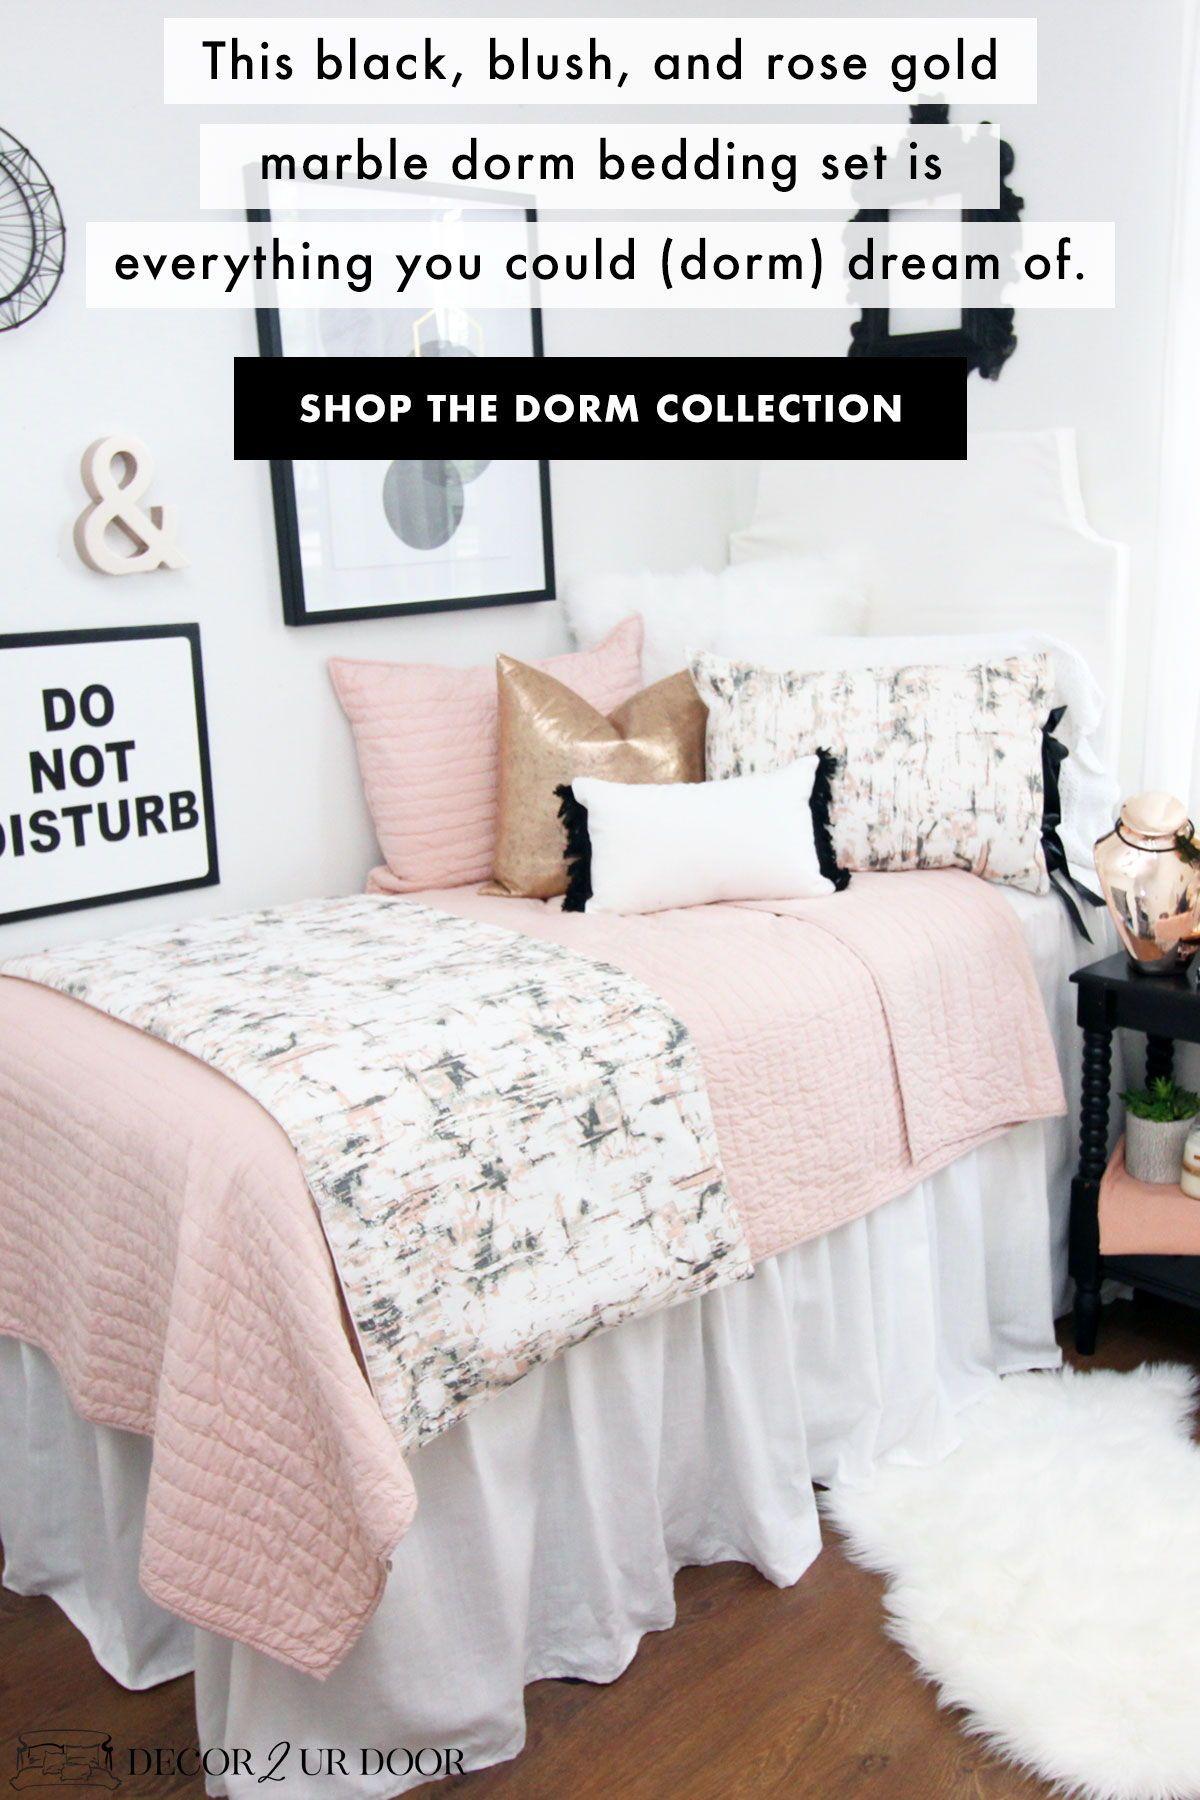 Blush Rose Gold Marble Dorm Bedding Set Dorm Bedding Sets Dorm Bedding Girls Dorm Room